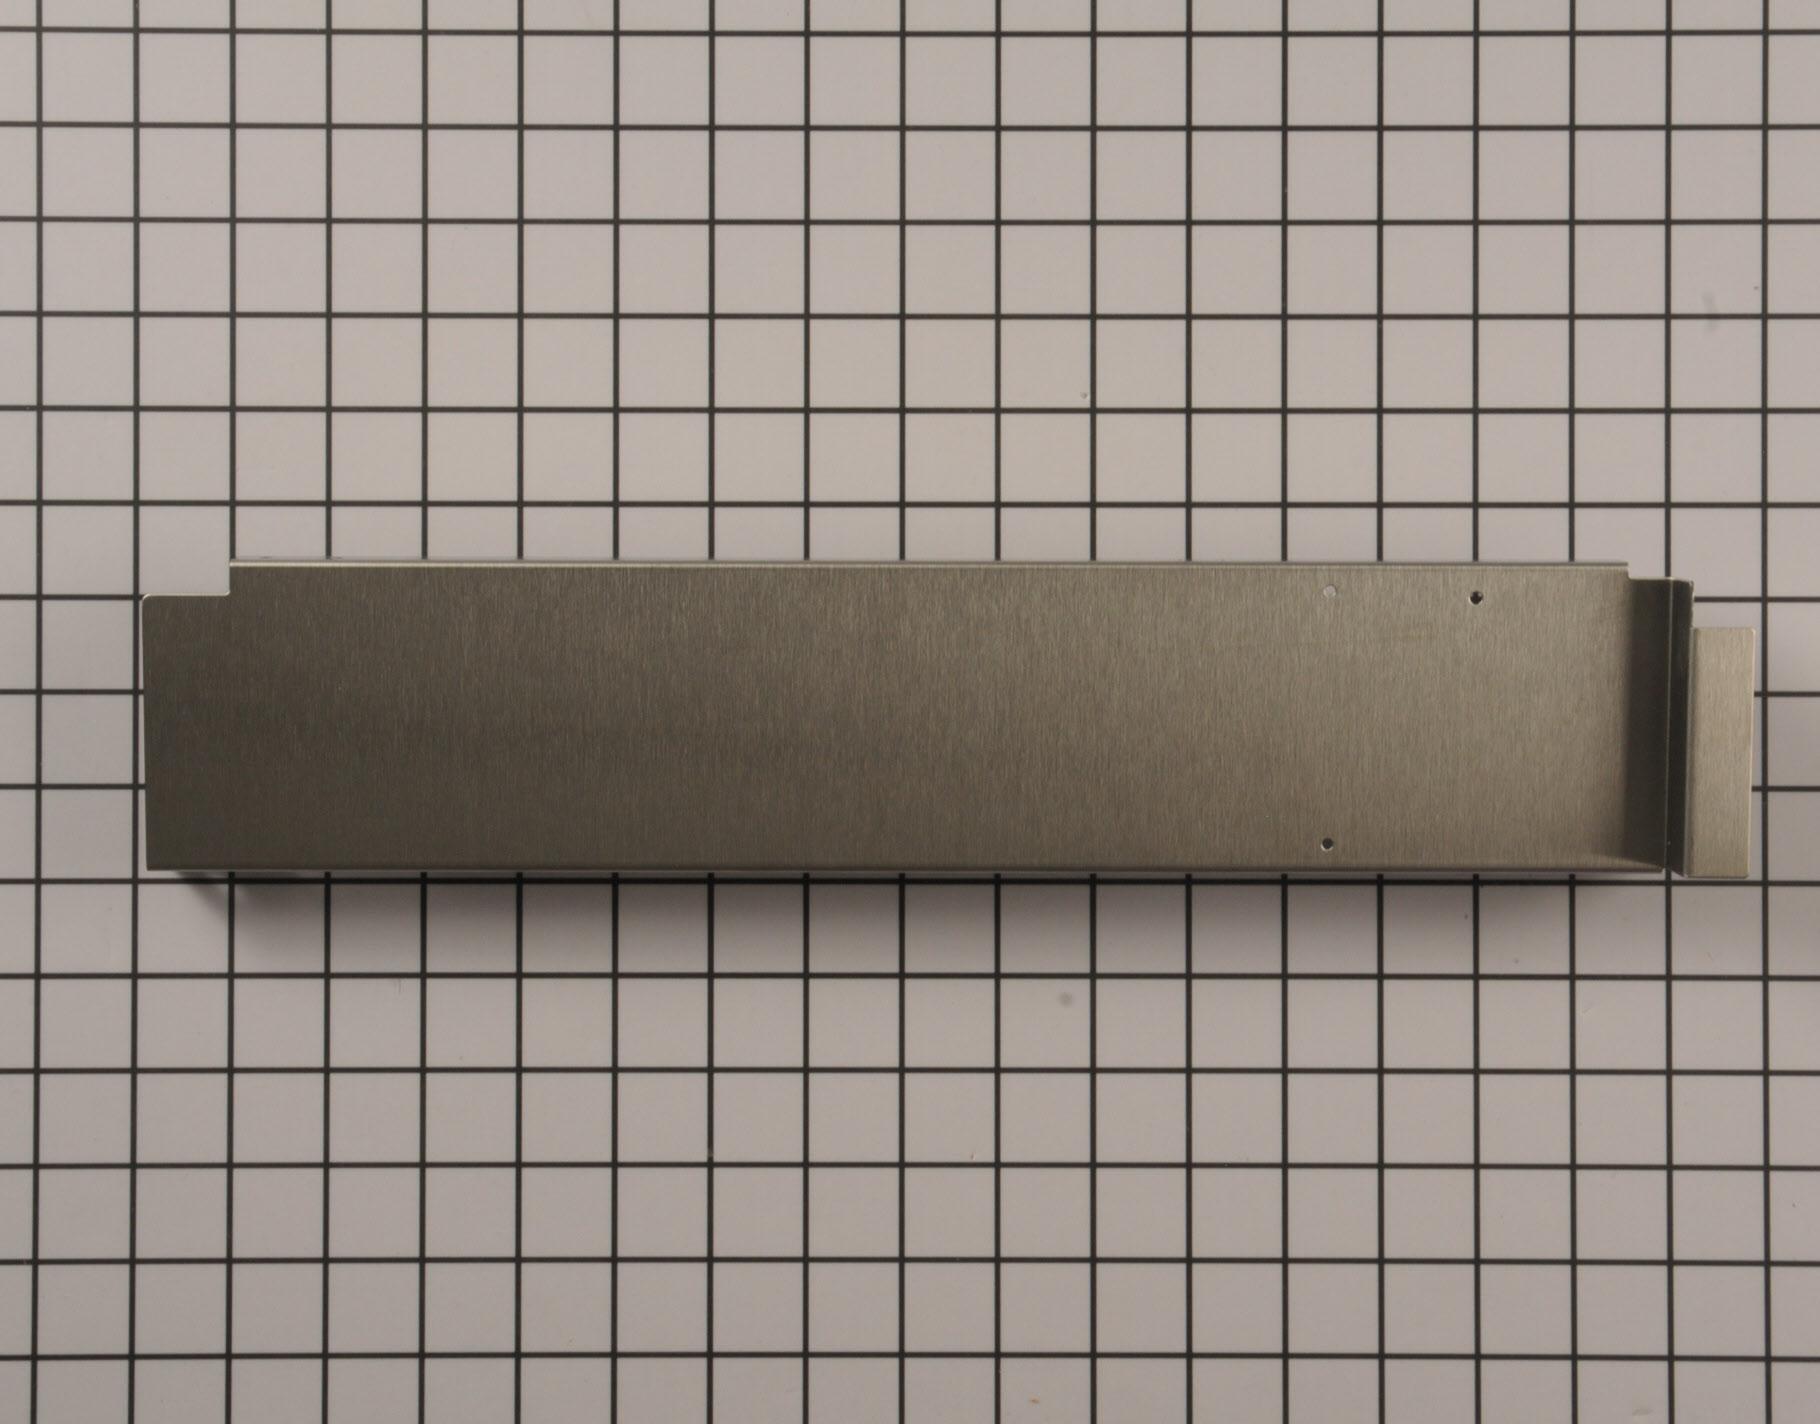 Whirlpool Microwave Part # W10510106 - Trim Piece